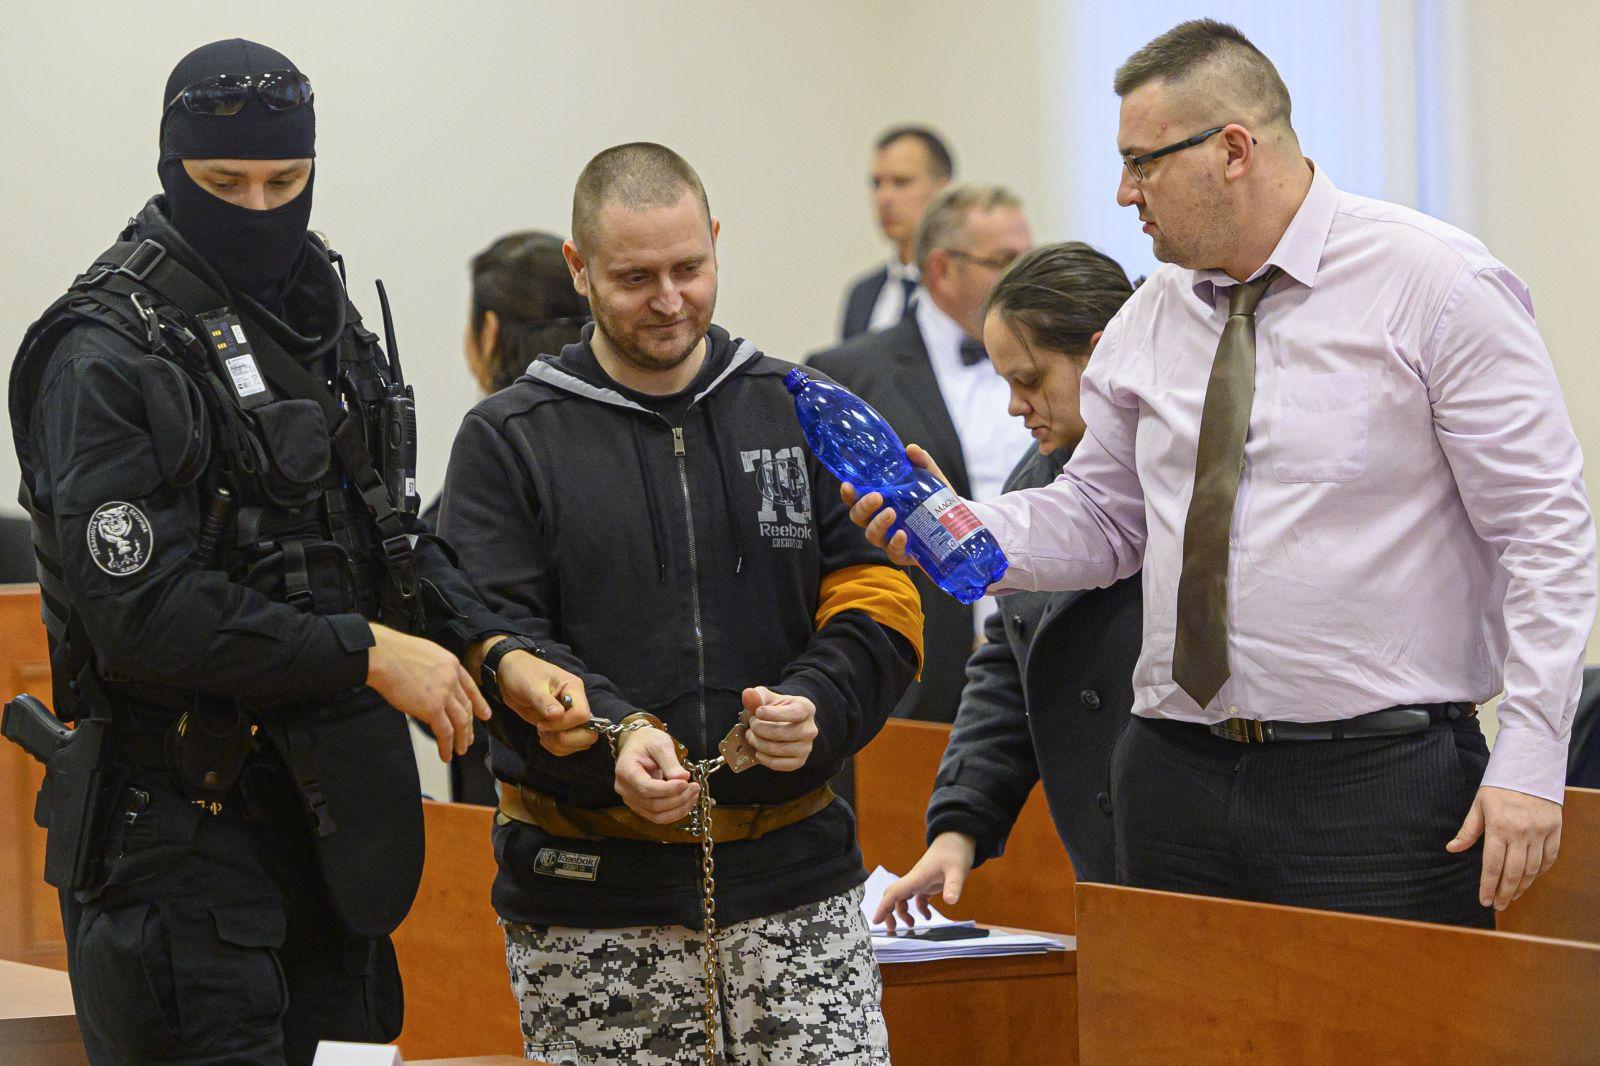 Senát Špecializovaného trestného súdu v Pezinku otvoril hlavné pojednávanie v kauze vraždy novinára Jána Kuciaka a jeho snúbenice Martiny Kušnírovej v Pezinku v pondelok 13. januára 2020. Na snímke obžalovaný Miroslav Marček.